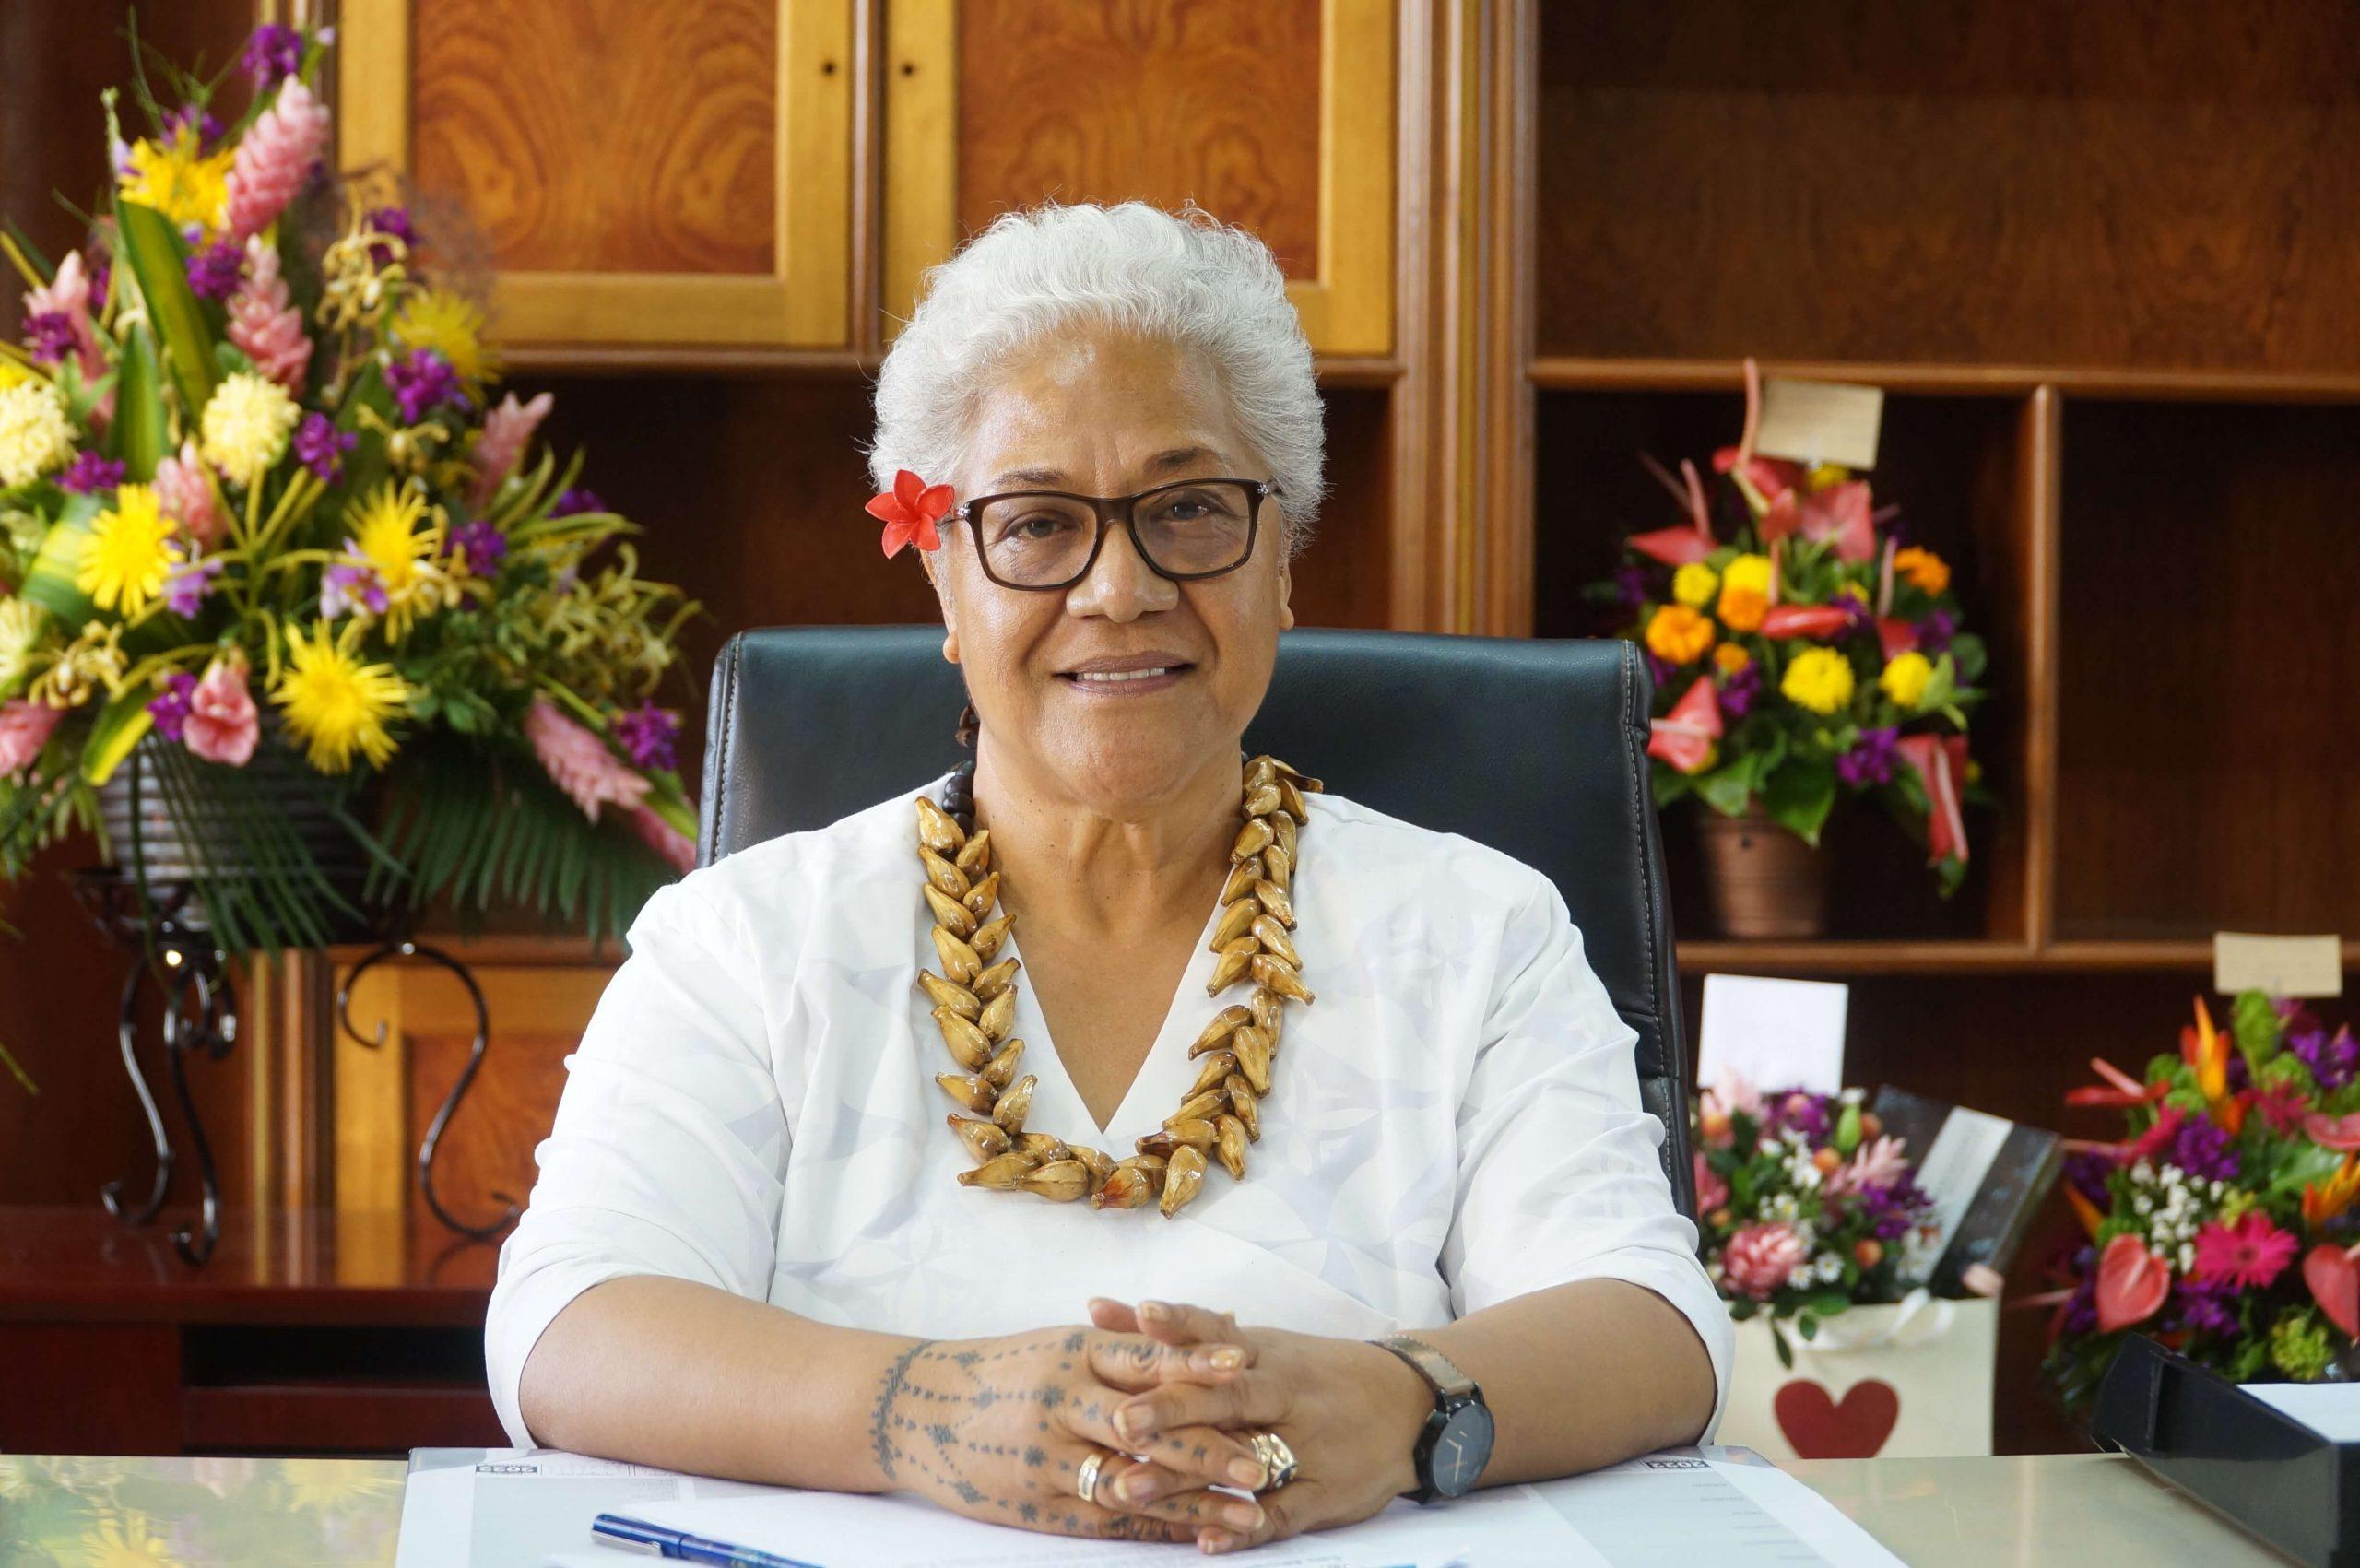 Samoa Prime Minister Fiame Naomi Mata'afa